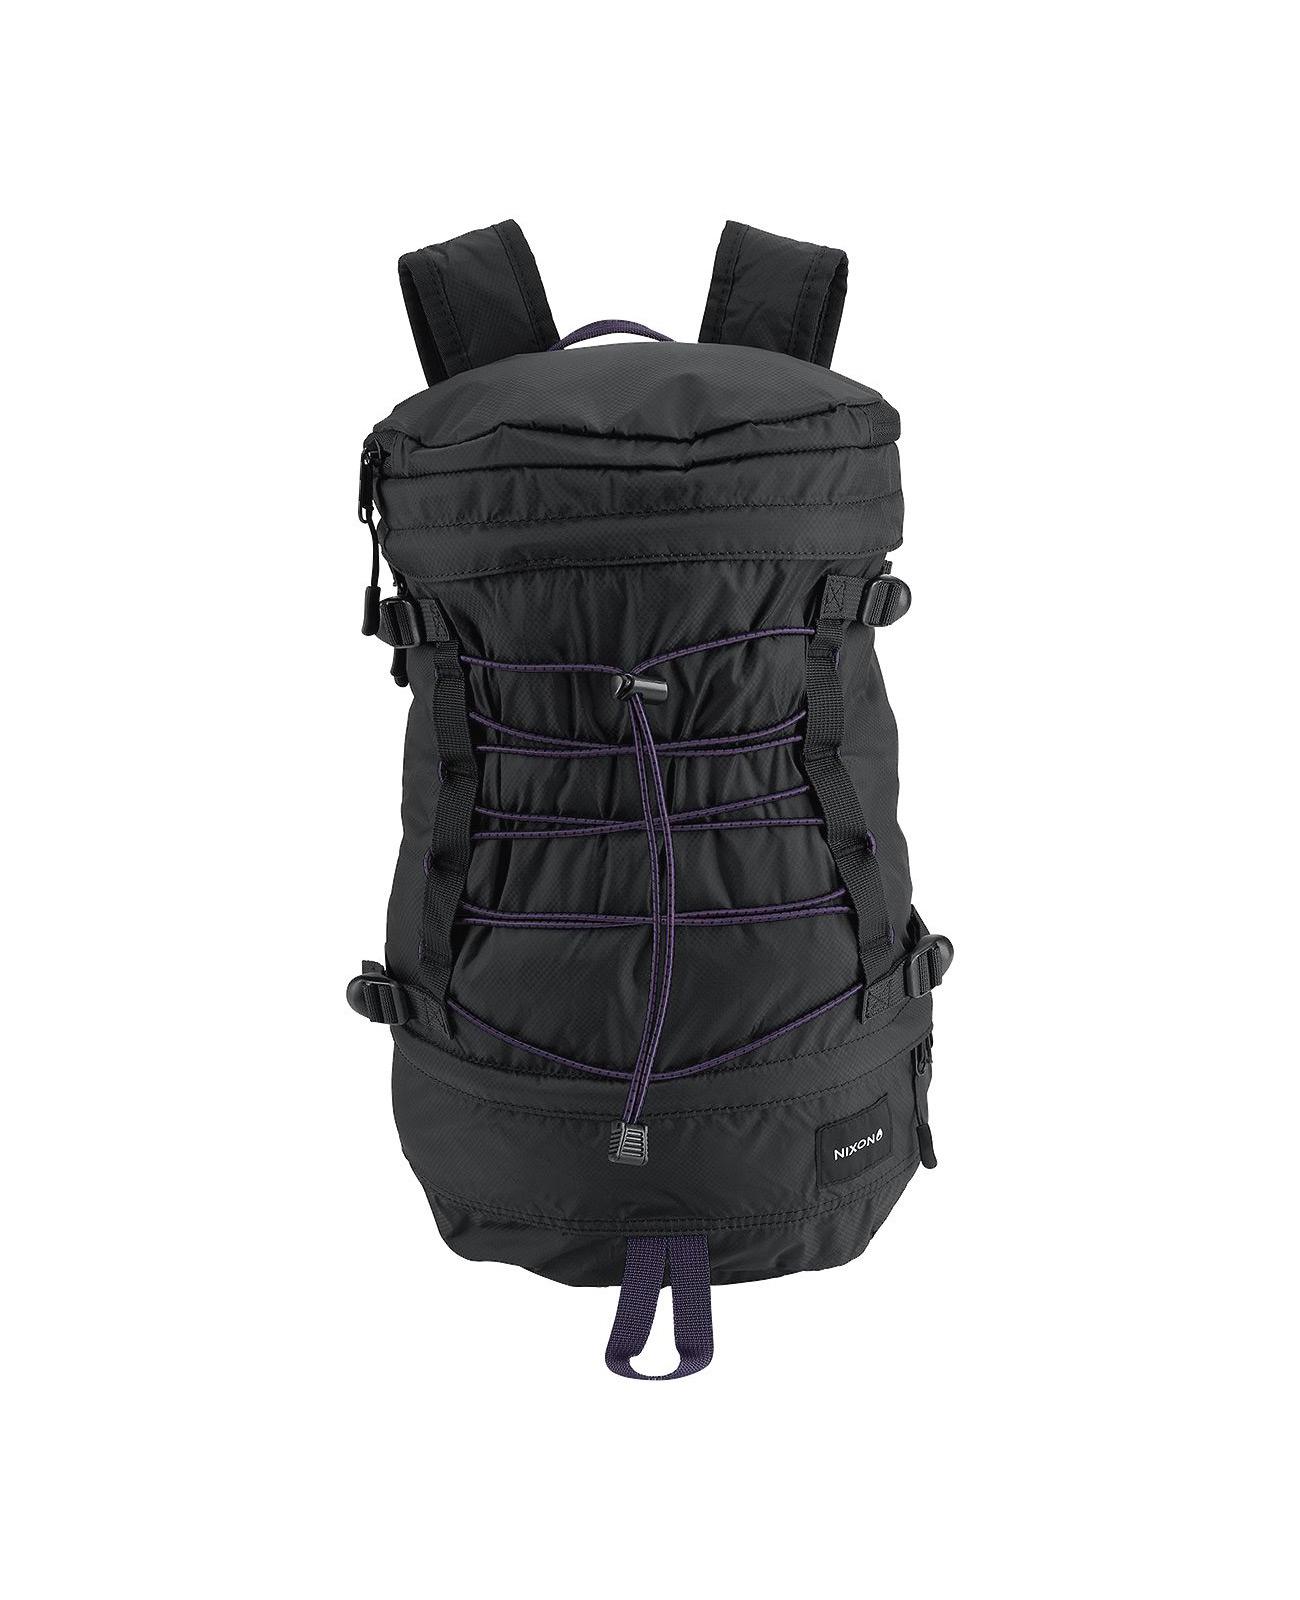 Drum Backpack